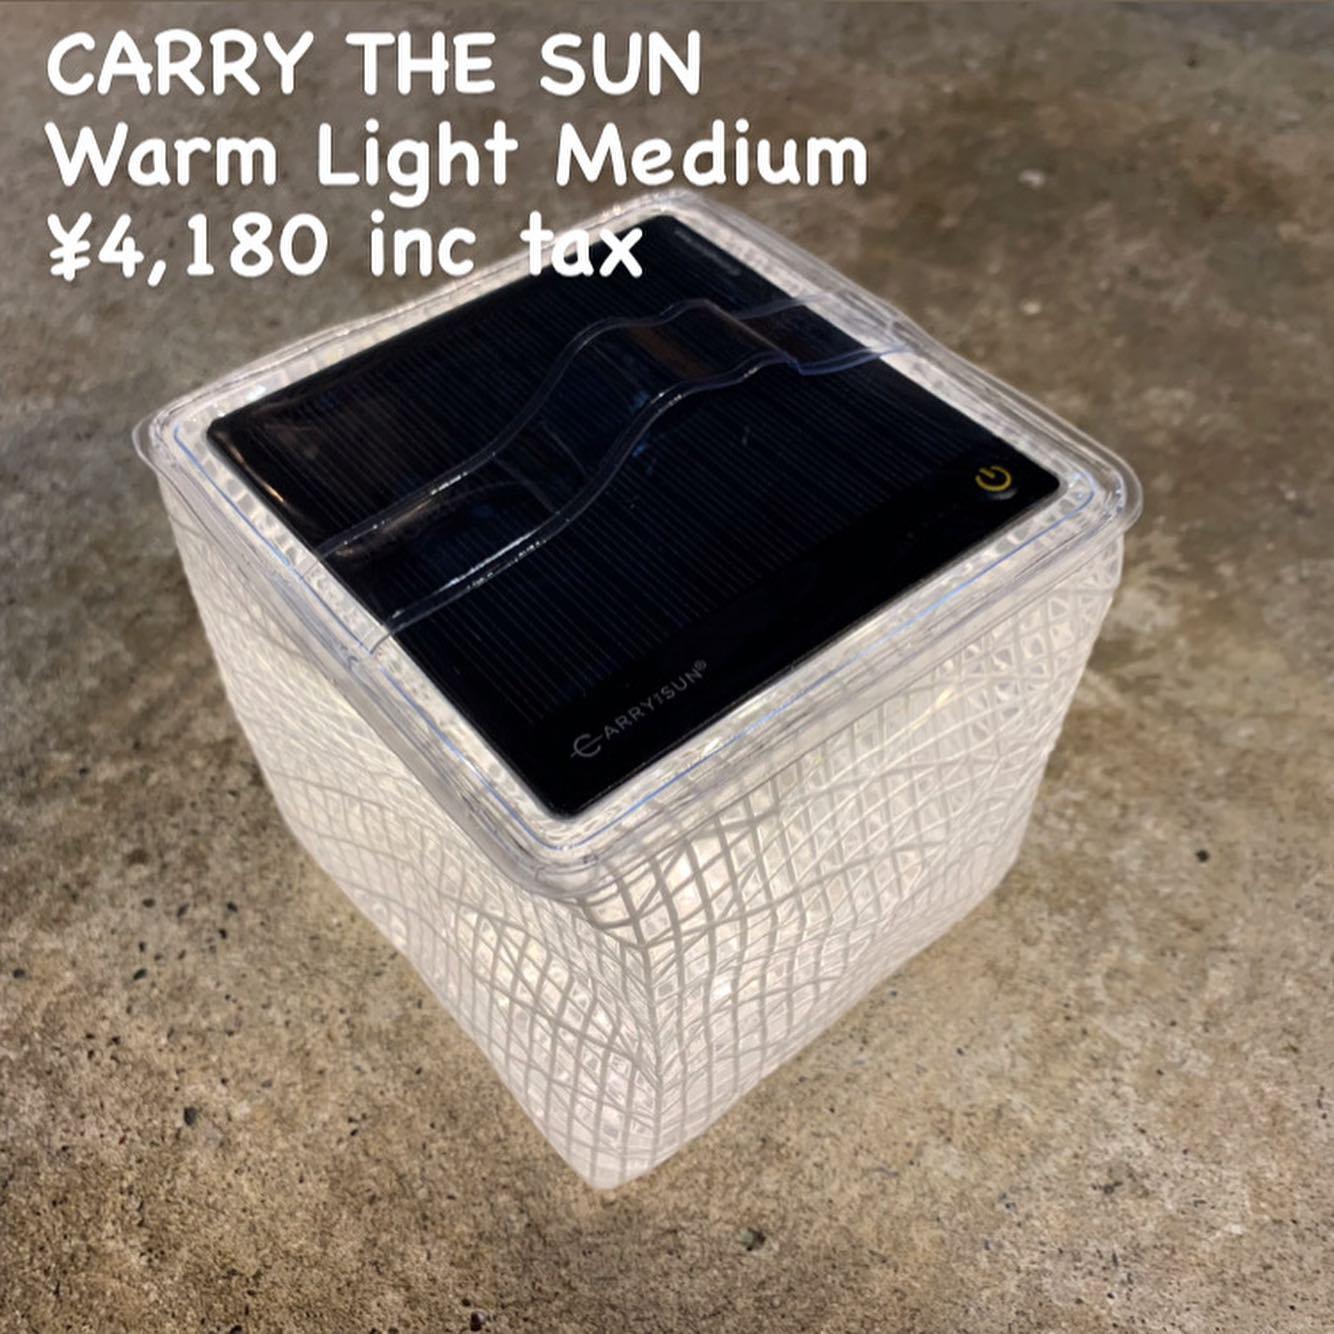 『CARRY THE SUN ウォームライト ミディアム』再入荷のお知らせ